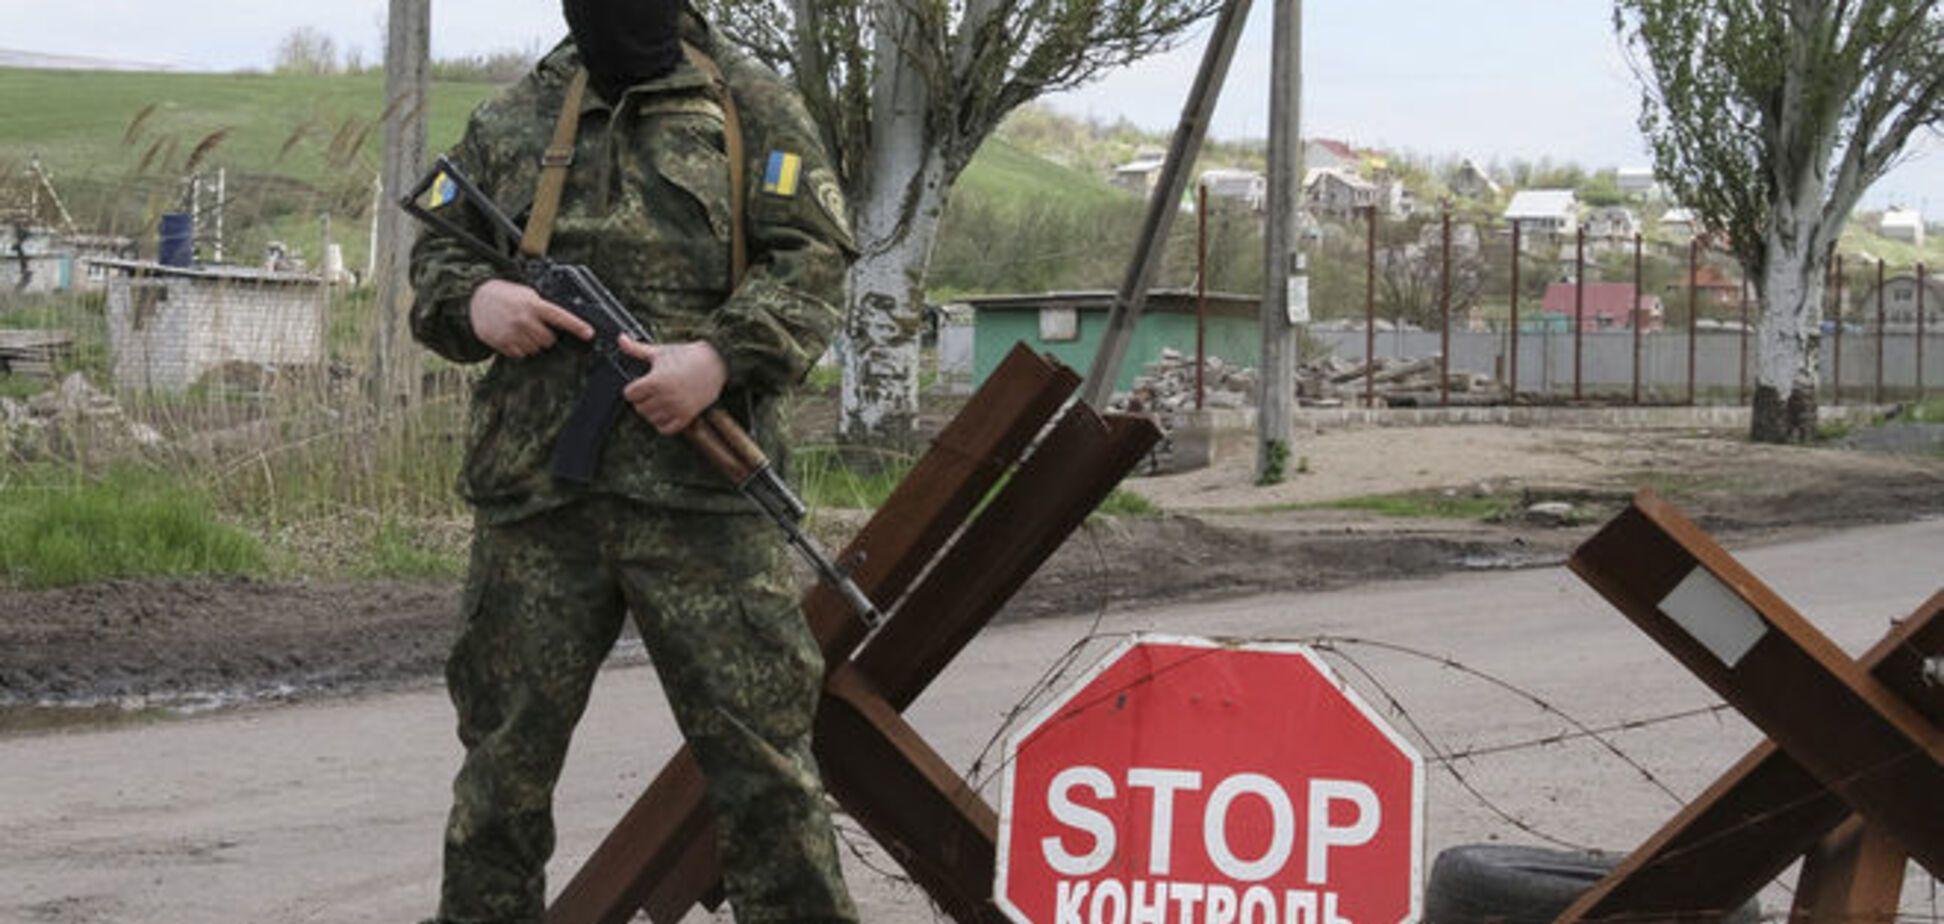 Над Марьинкой реет флаг Украины, ситуация стабилизировалась - штаб АТО